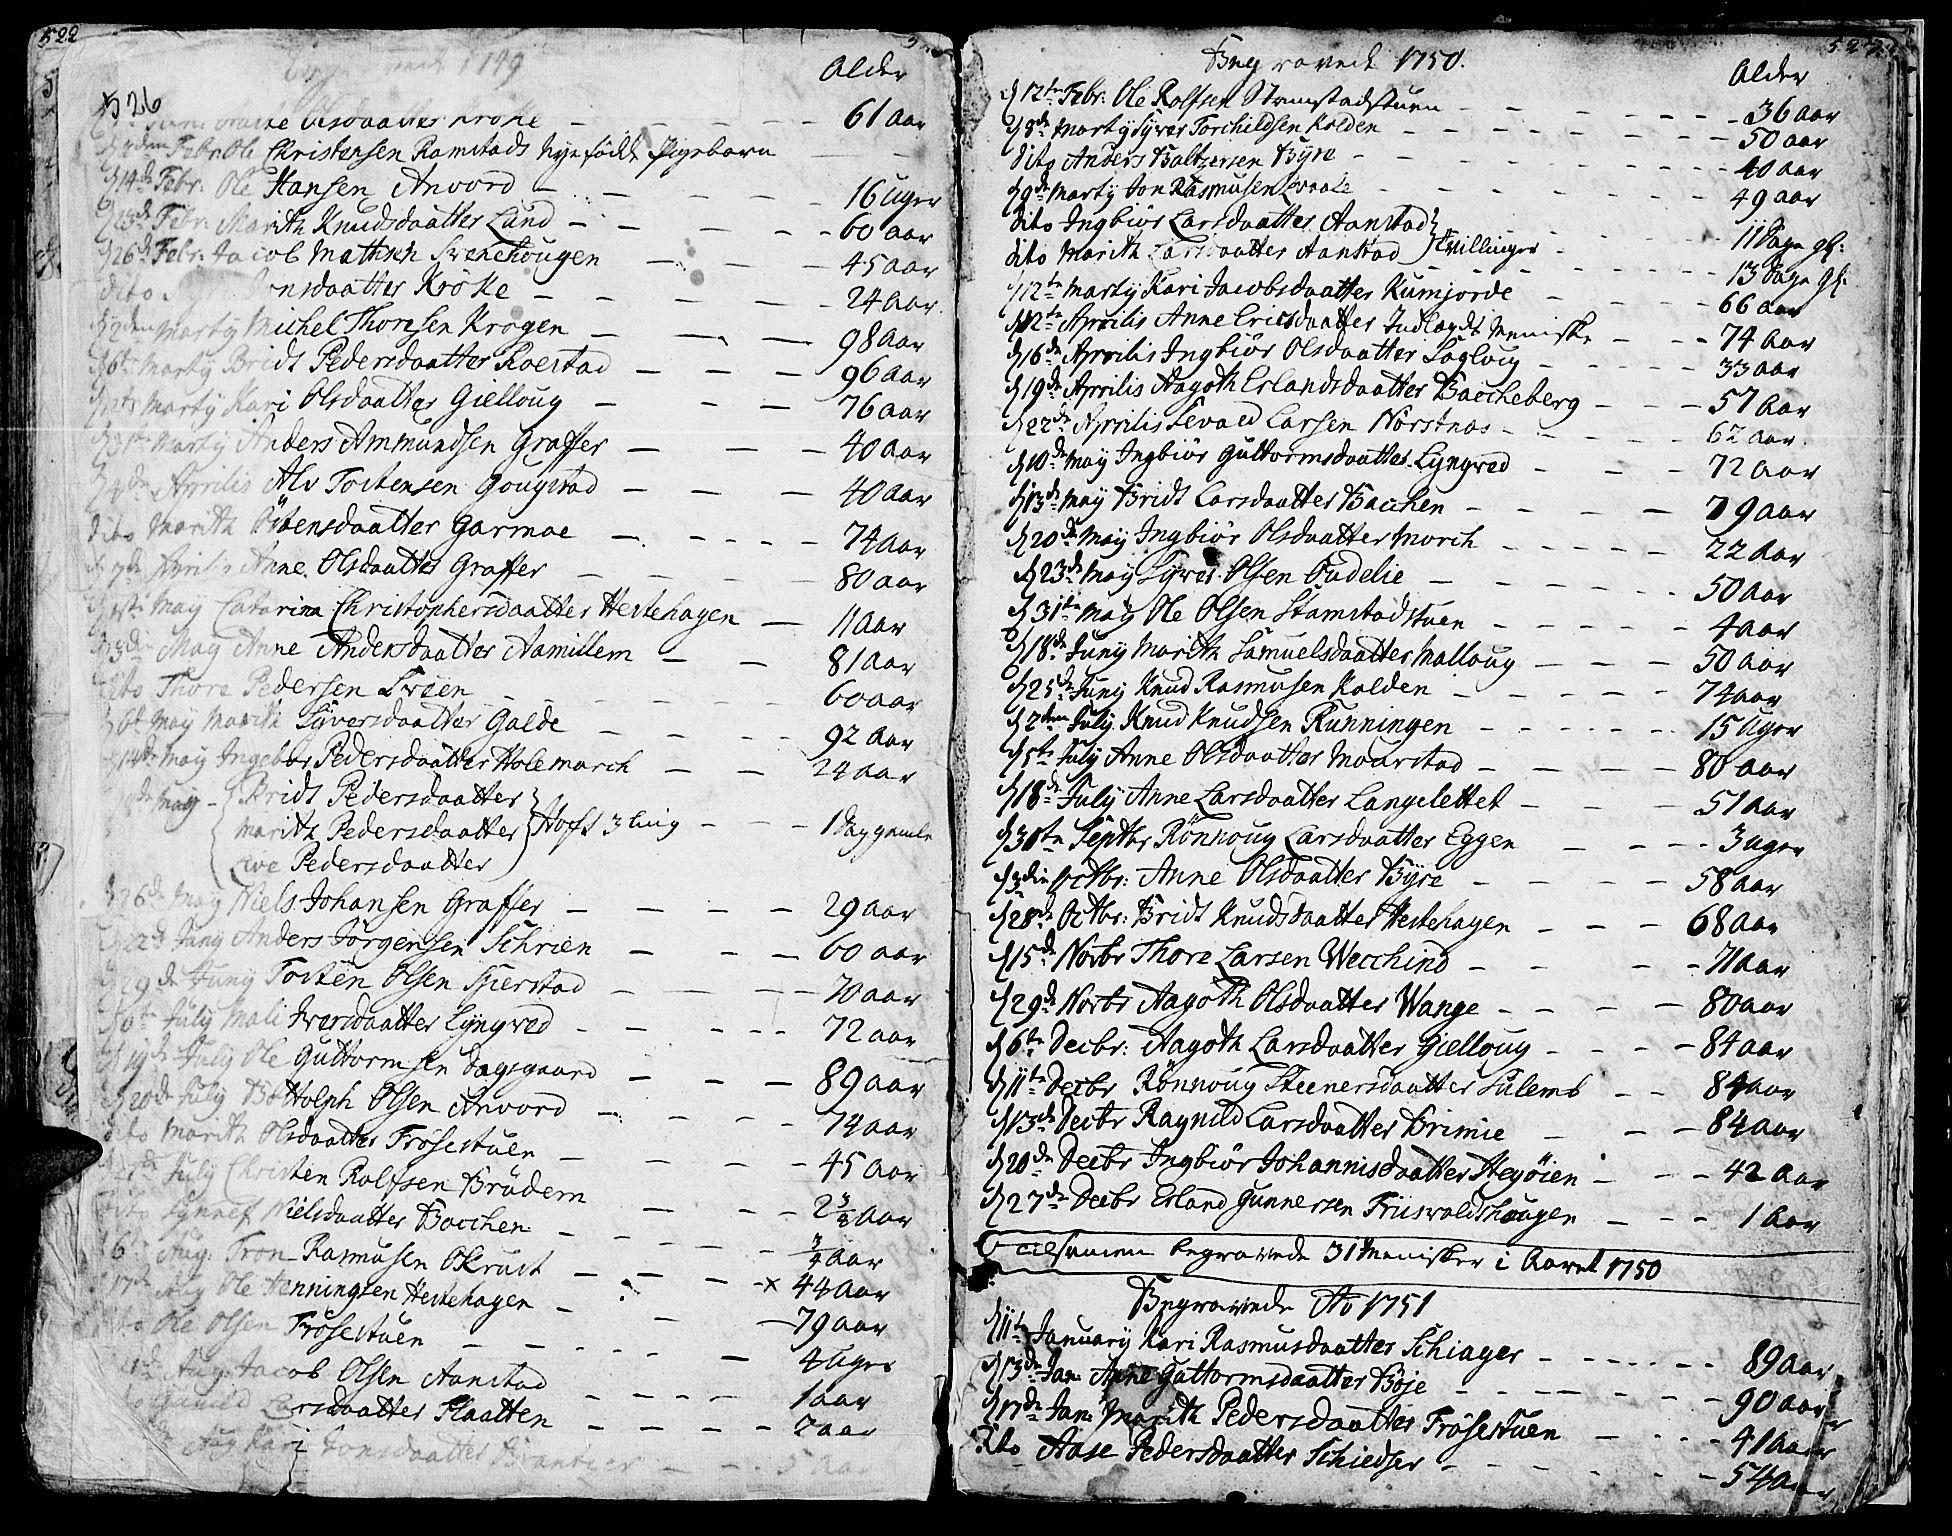 SAH, Lom prestekontor, K/L0002: Ministerialbok nr. 2, 1749-1801, s. 526-527